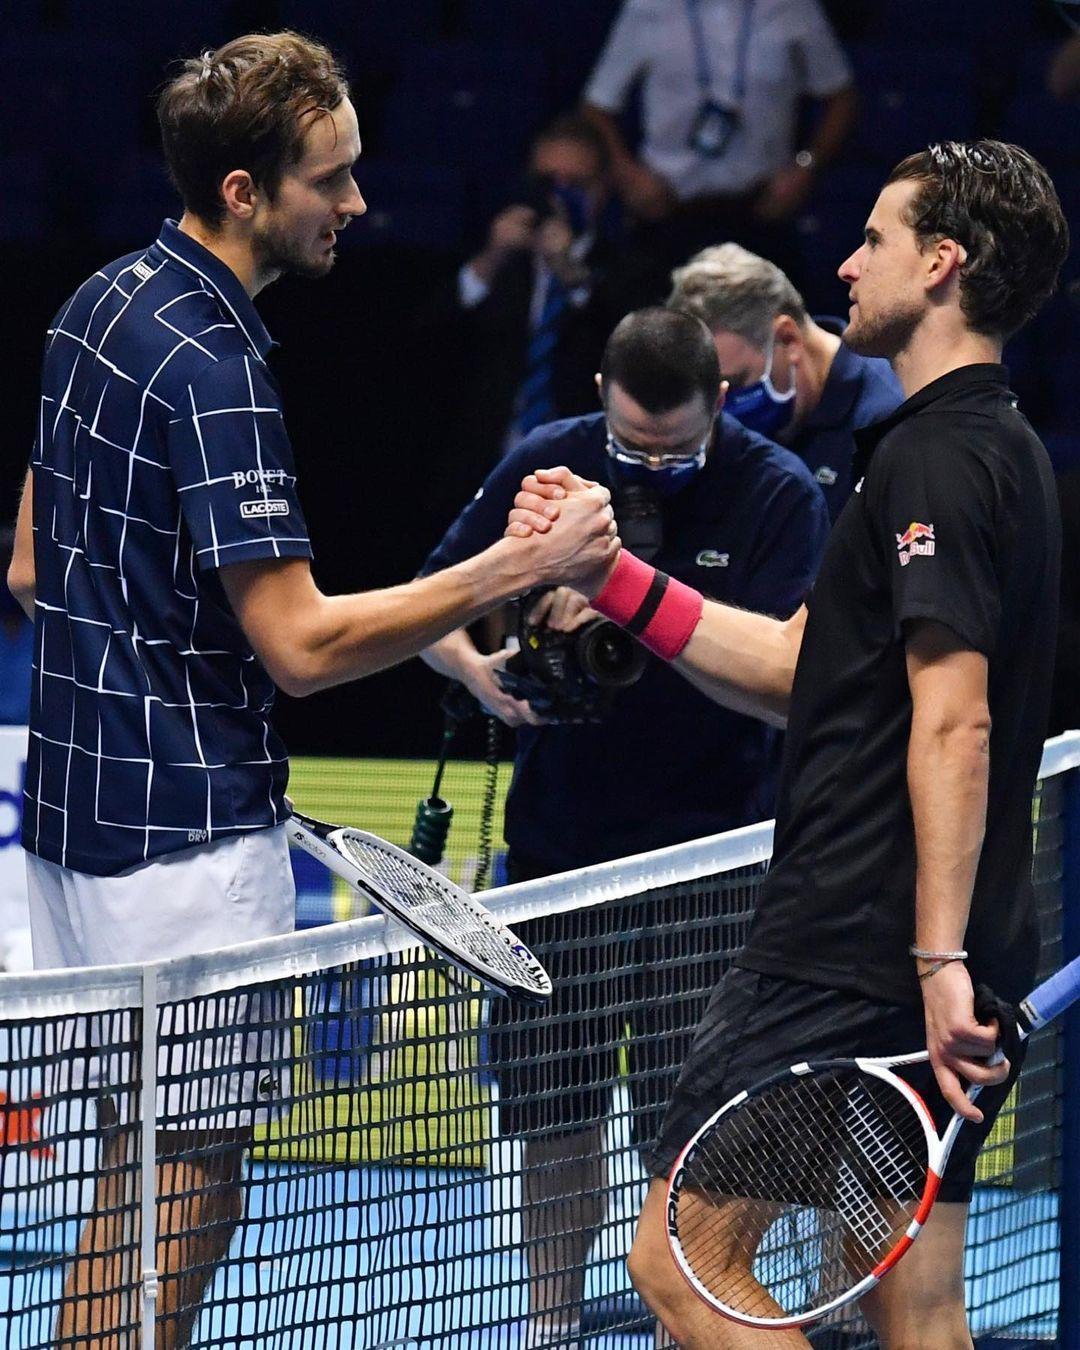 梅德韋傑夫(左)擊敗新科美網冠軍蒂姆,拿下首座ATP年終賽冠軍。(翻攝ATP Tour臉書)